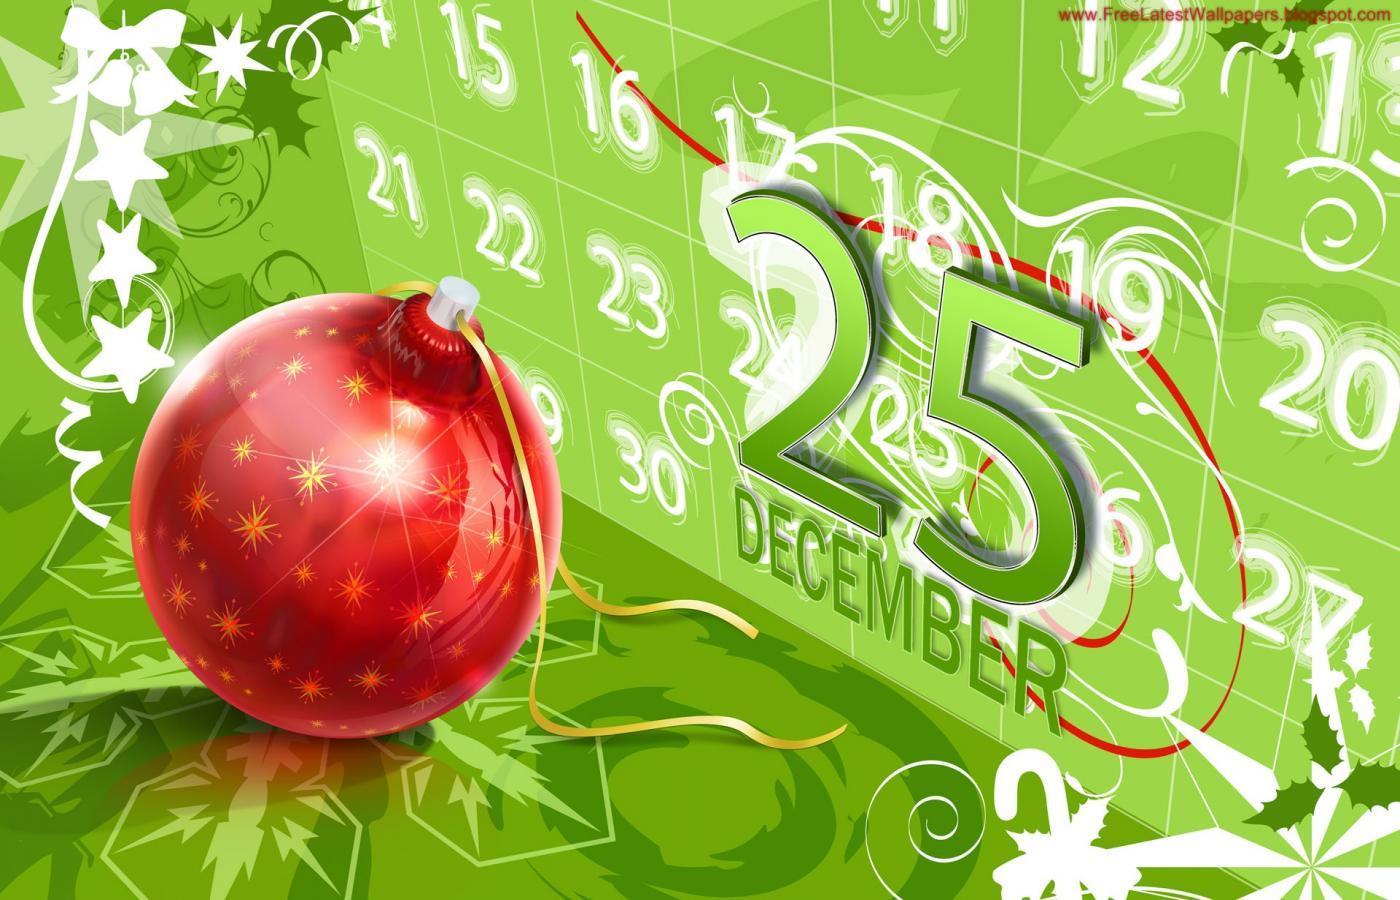 ¿Por qué se celebra el día de Navidad el 25 de diciembre?